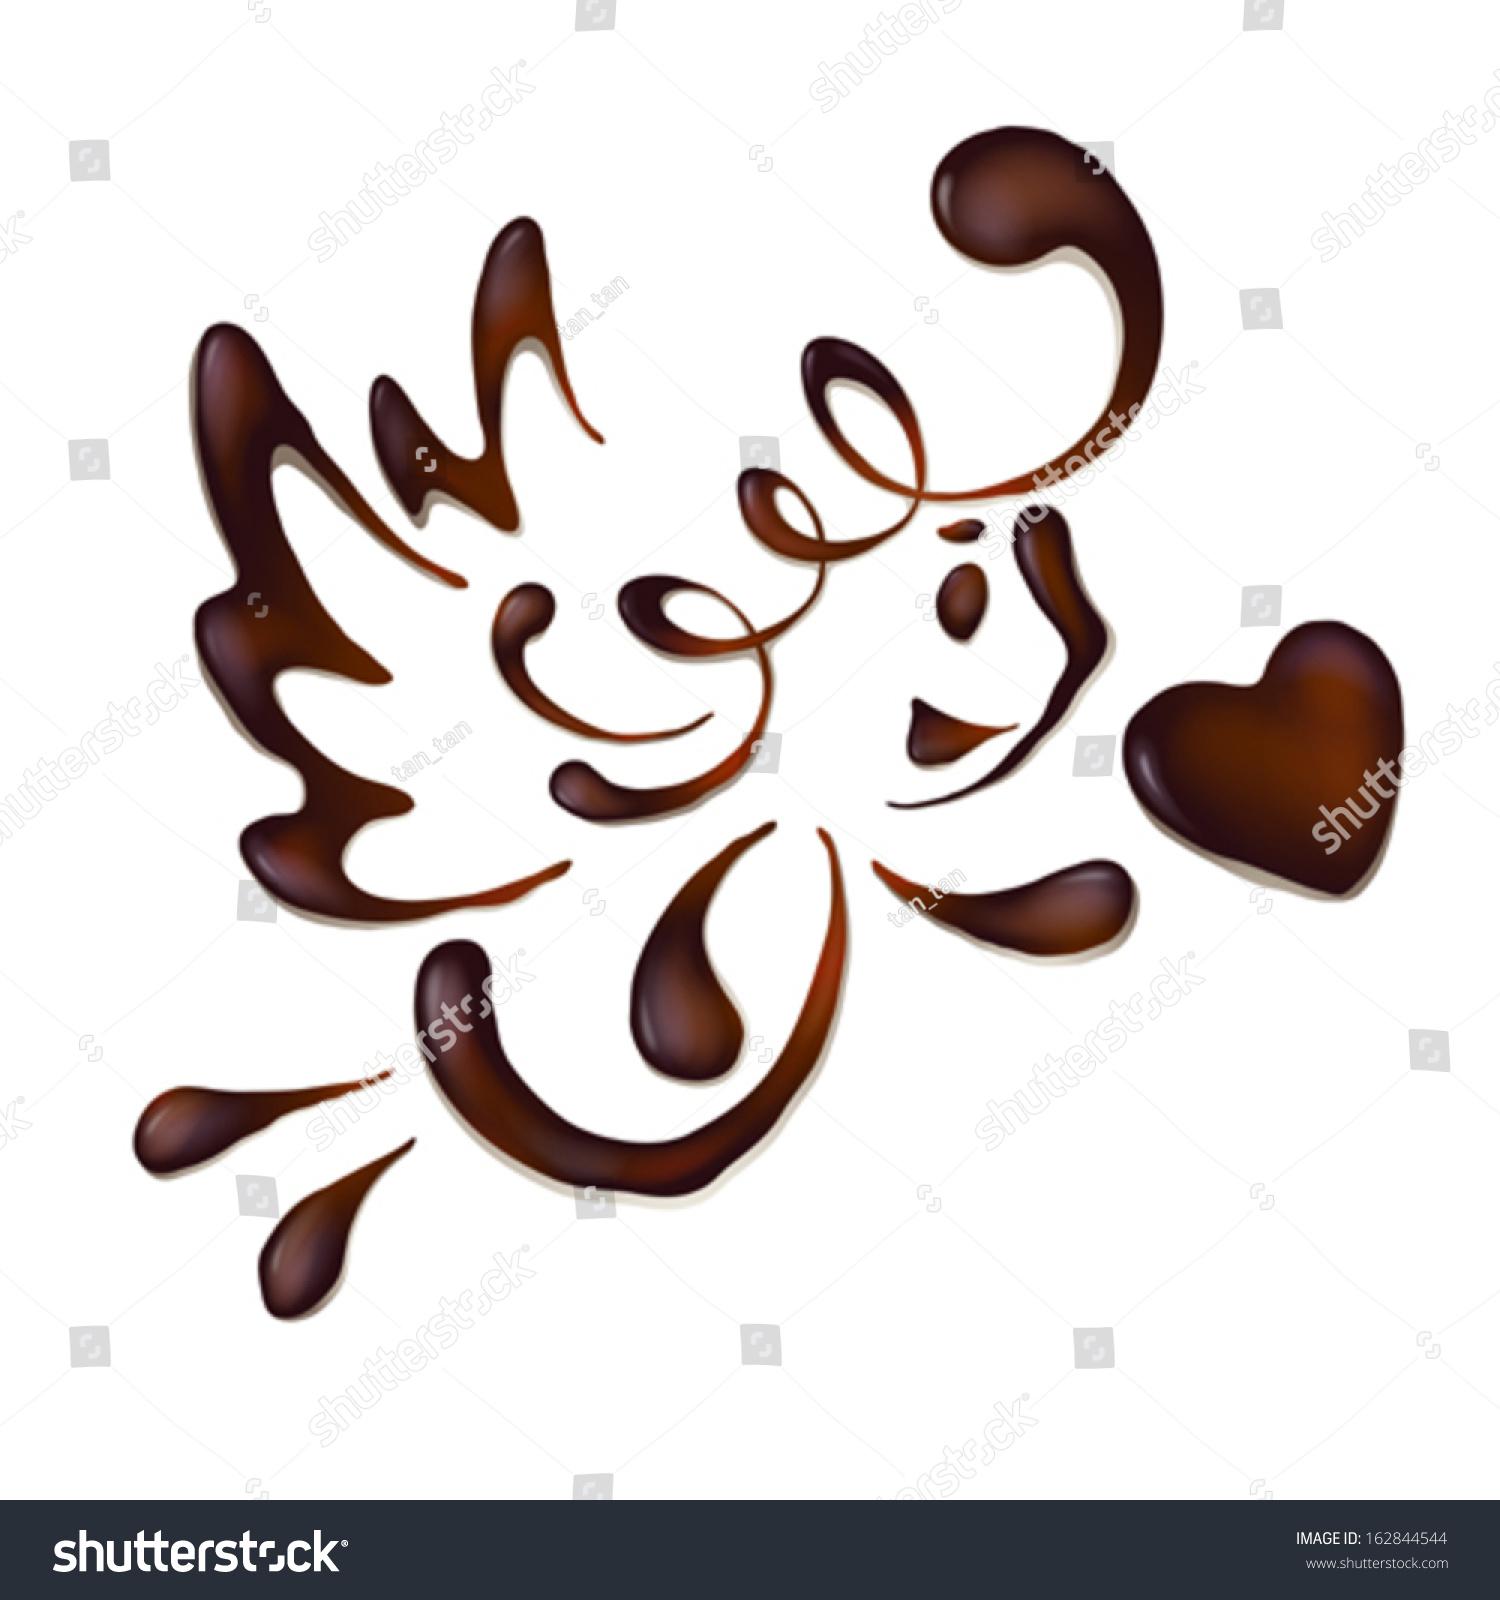 Chocolate Angel Vector Stock Vector 162844544 - Shutterstock